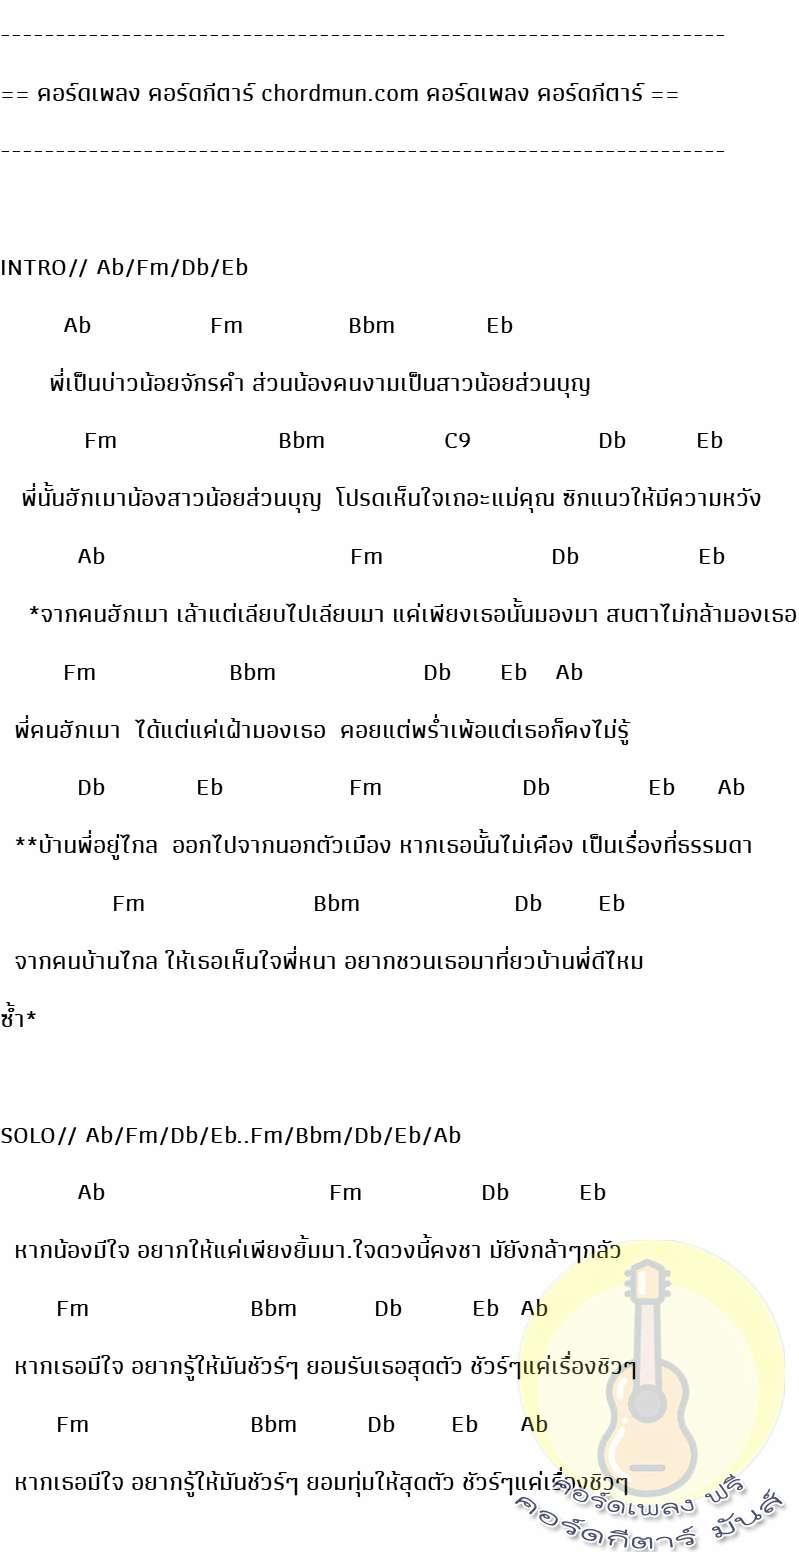 คอร์ดกีตาร์พื้นฐาน  เพลง บ่าวจักรคำสาวส่วนบุญ